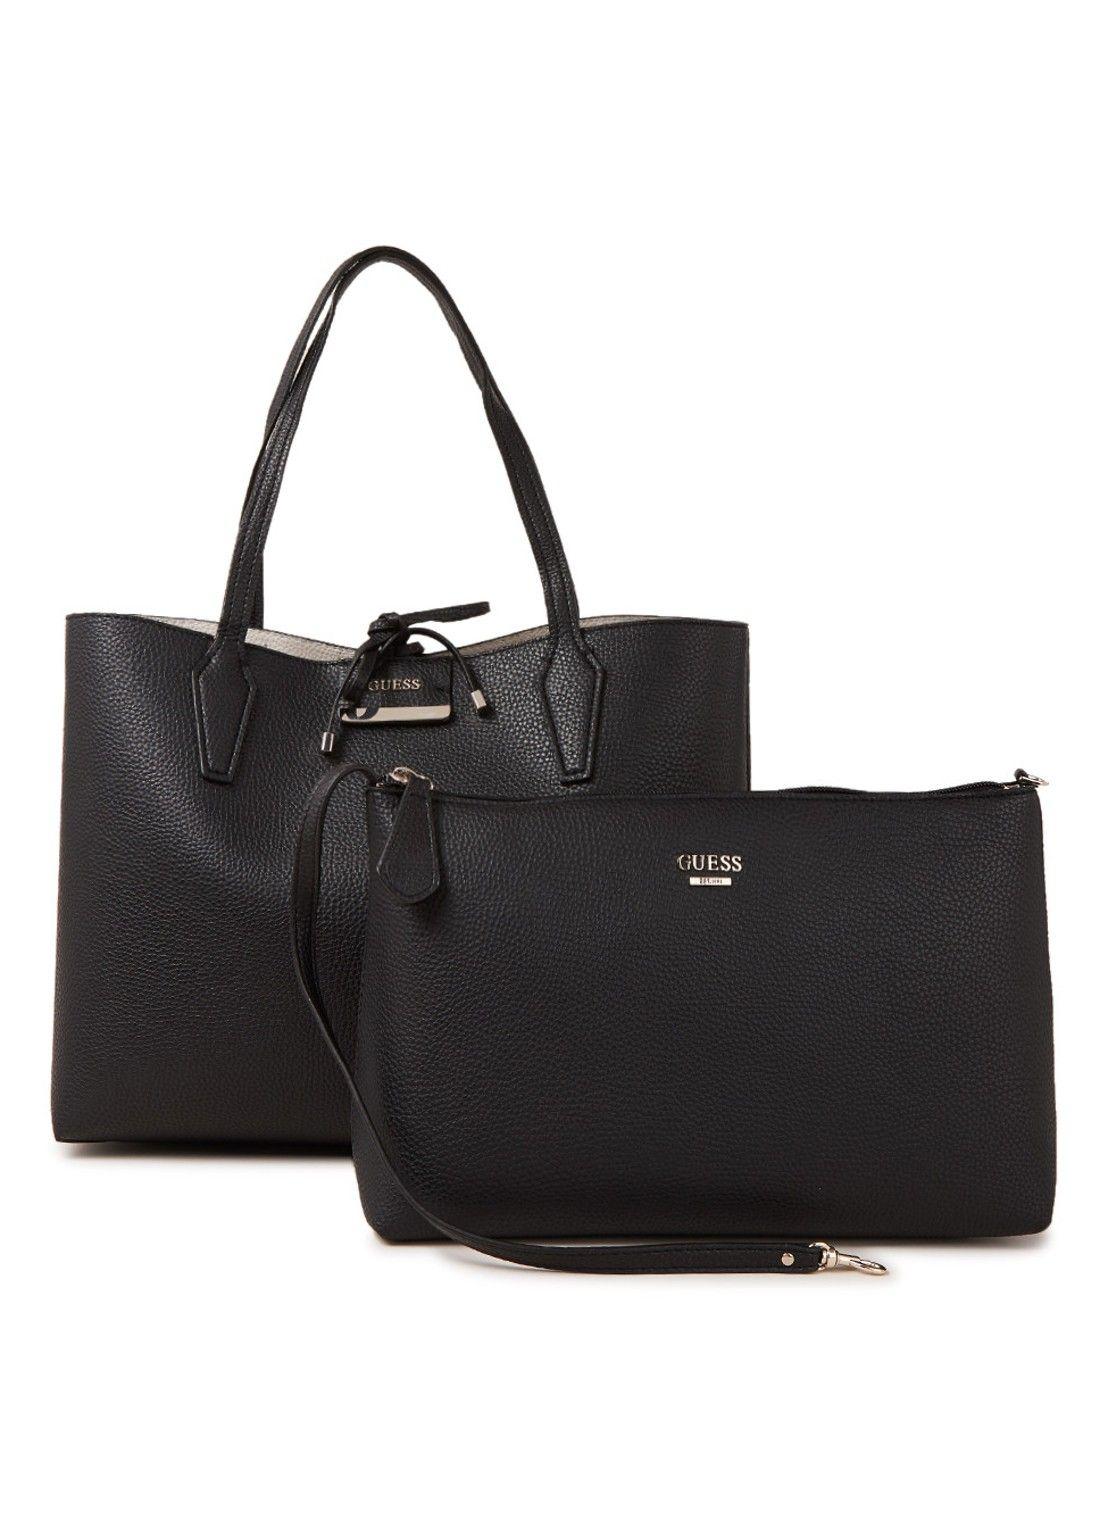 d09dcbe4ae0 GUESS Bobbi Reversible shopper met uitneembaar schoudertasje • de Bijenkorf  #handbags #purses #designerbags #handtassen #tassen #bags #fashion #stijl  #moda ...